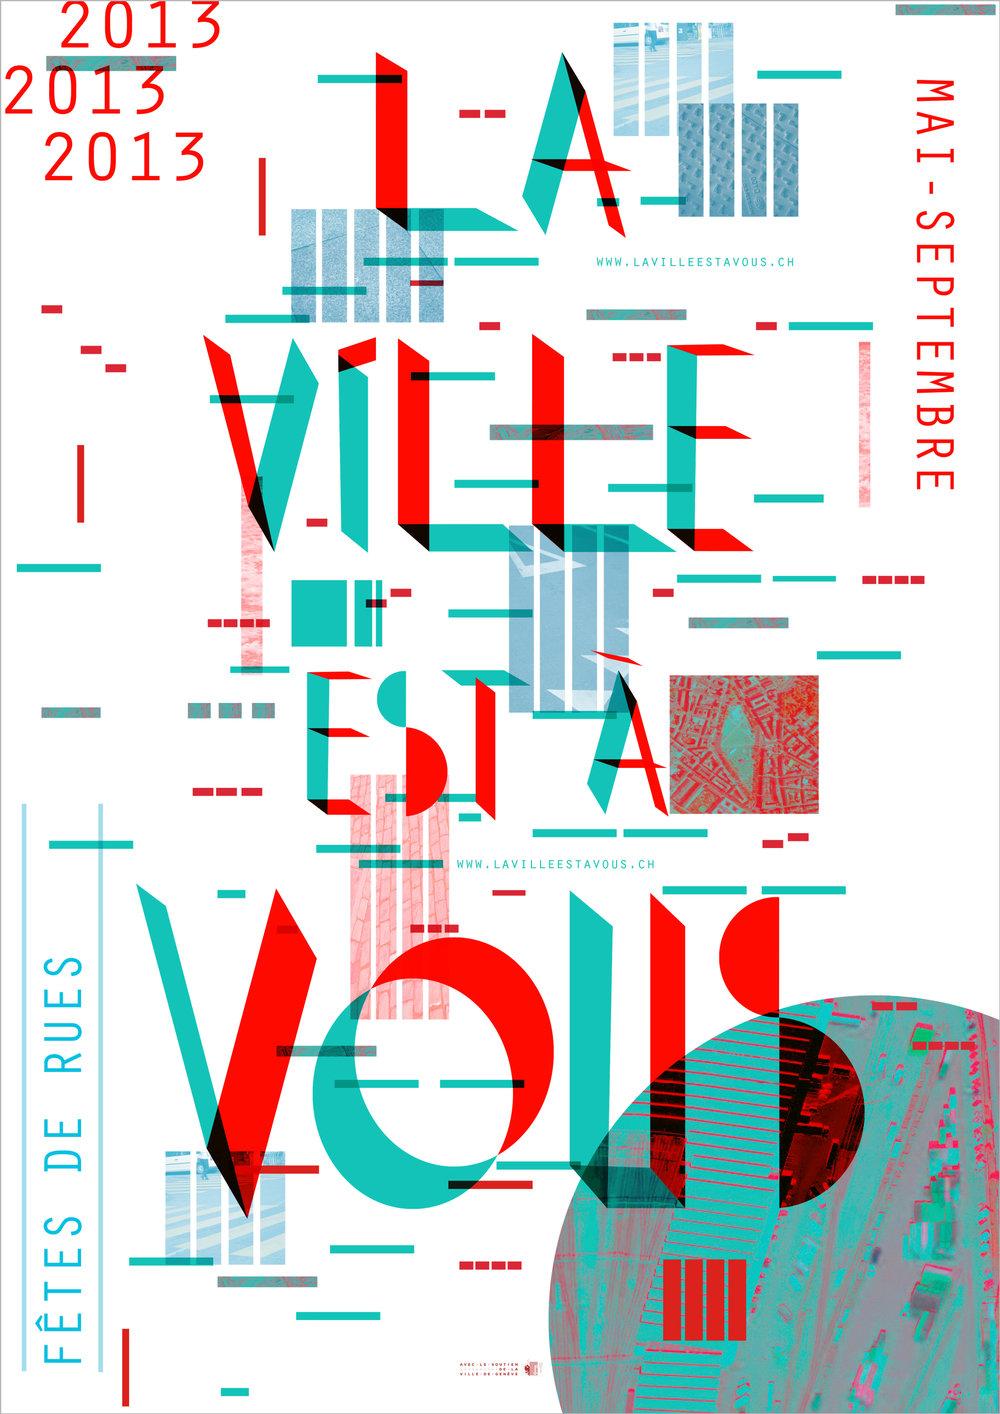 LA VILLE EST À VOUS Poster - Geneva